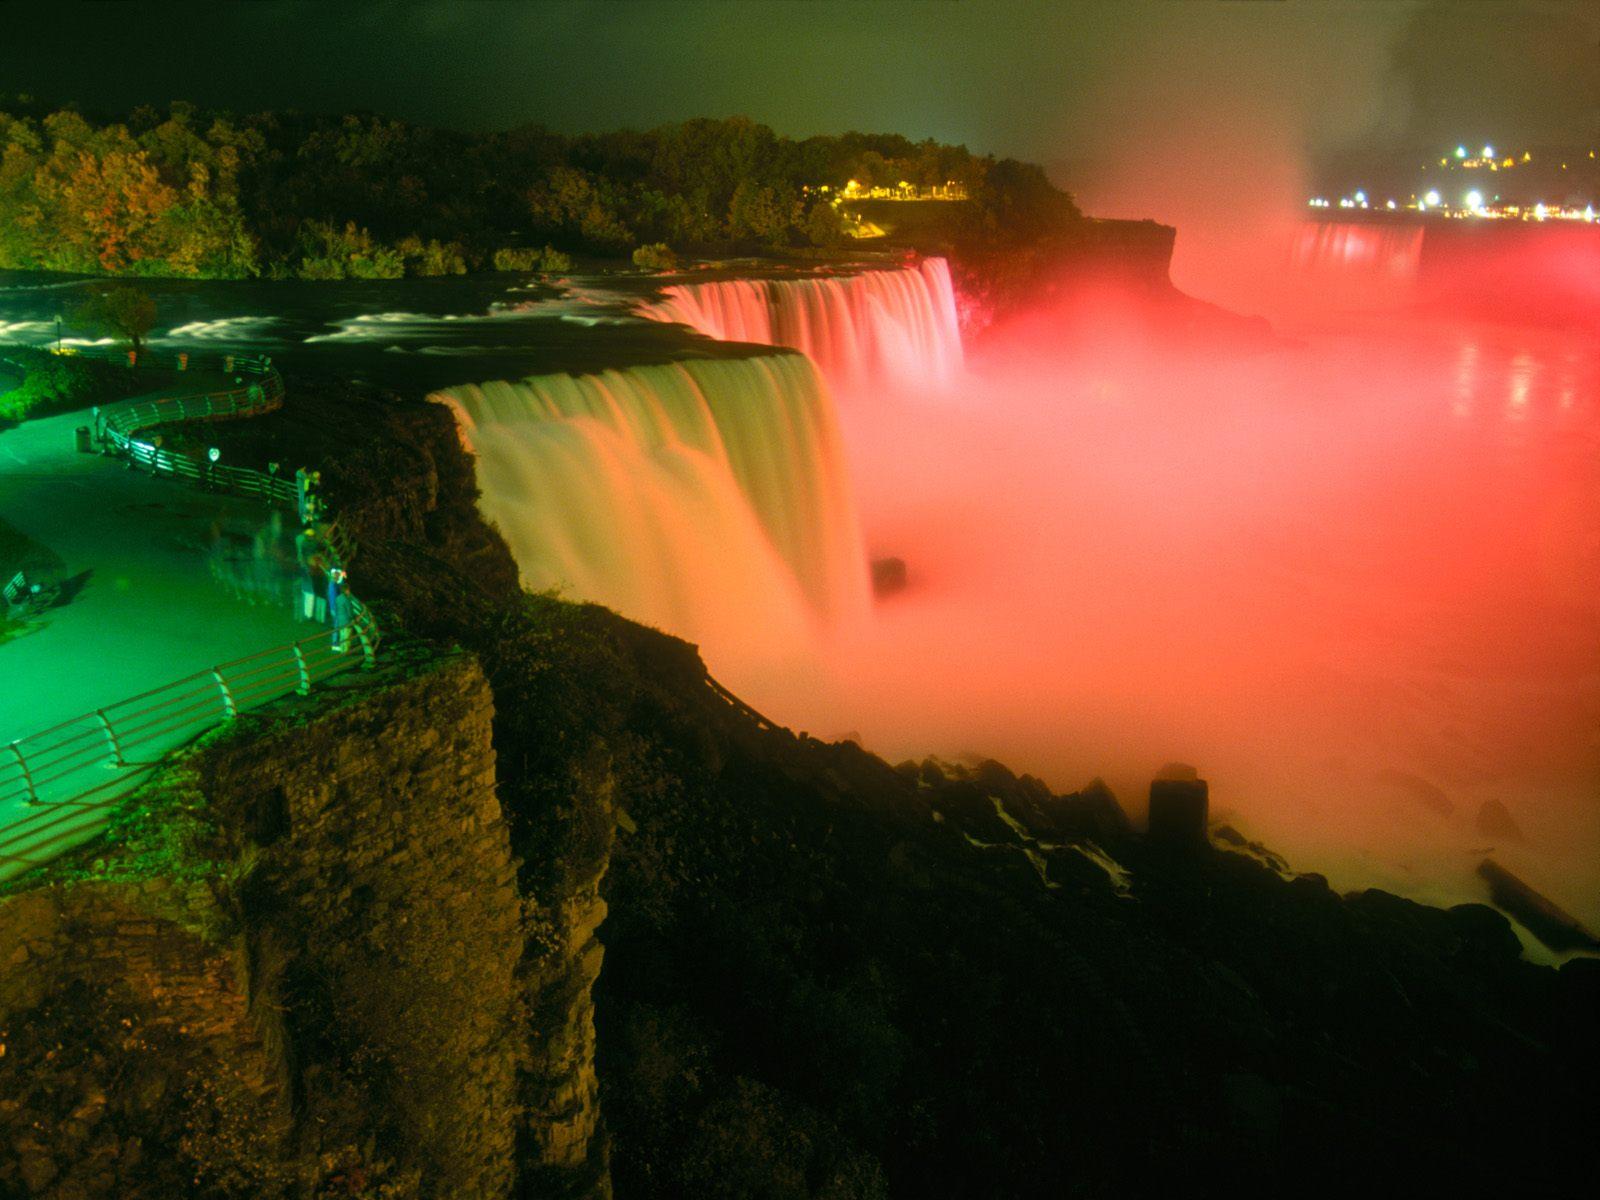 http://1.bp.blogspot.com/-kCc0zp72vnk/T5bxfqUaxNI/AAAAAAAACCY/kj4xz_rj2cM/s1600/Niagara_Falls_at_Night_-_1600x1200_-_ID_36326(www.TheWallpapers.org).jpg